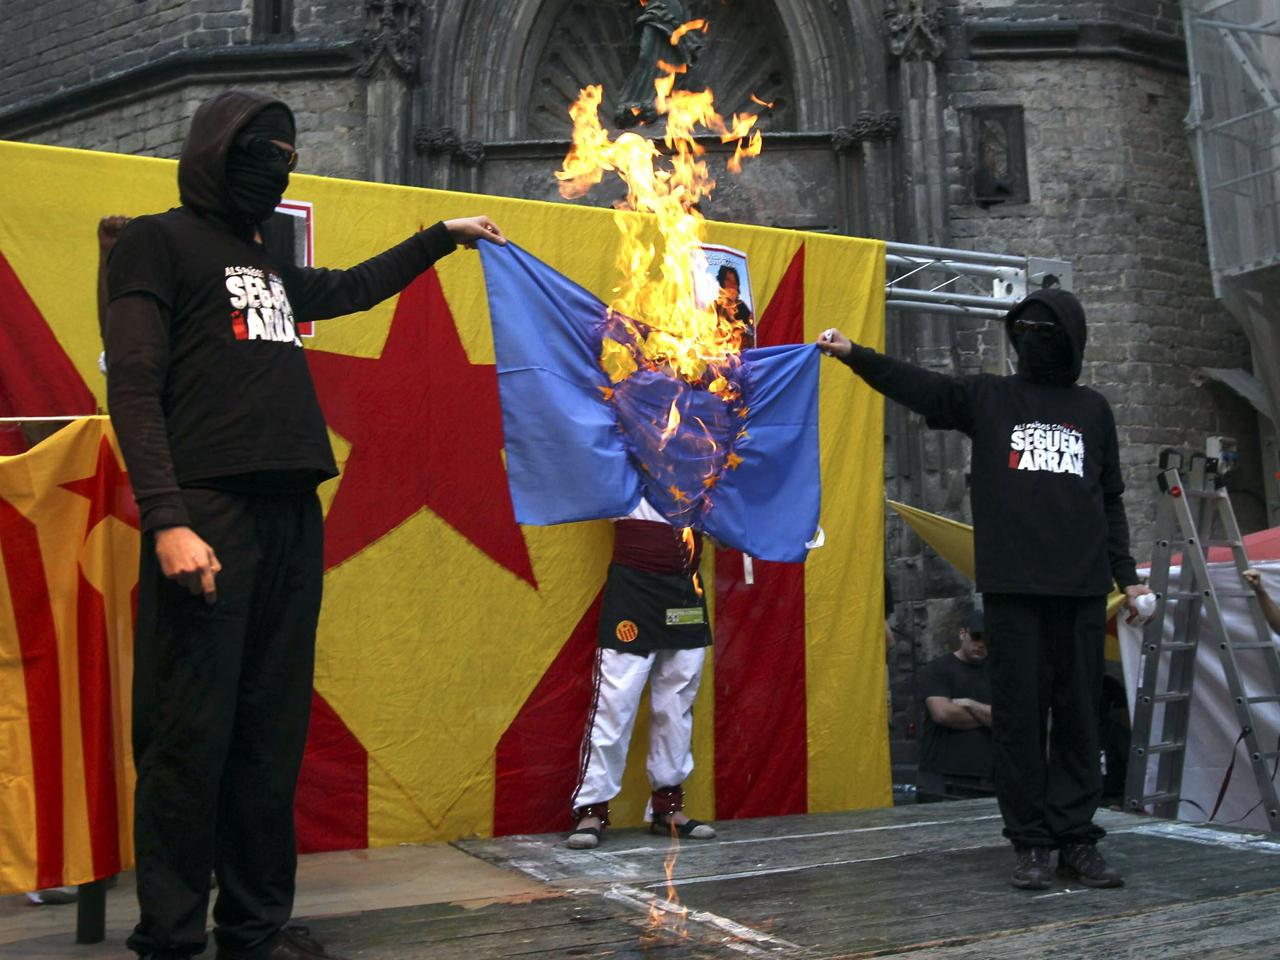 Призрак сепаратизма: чему Россию учит каталонская история. Платон Беседин